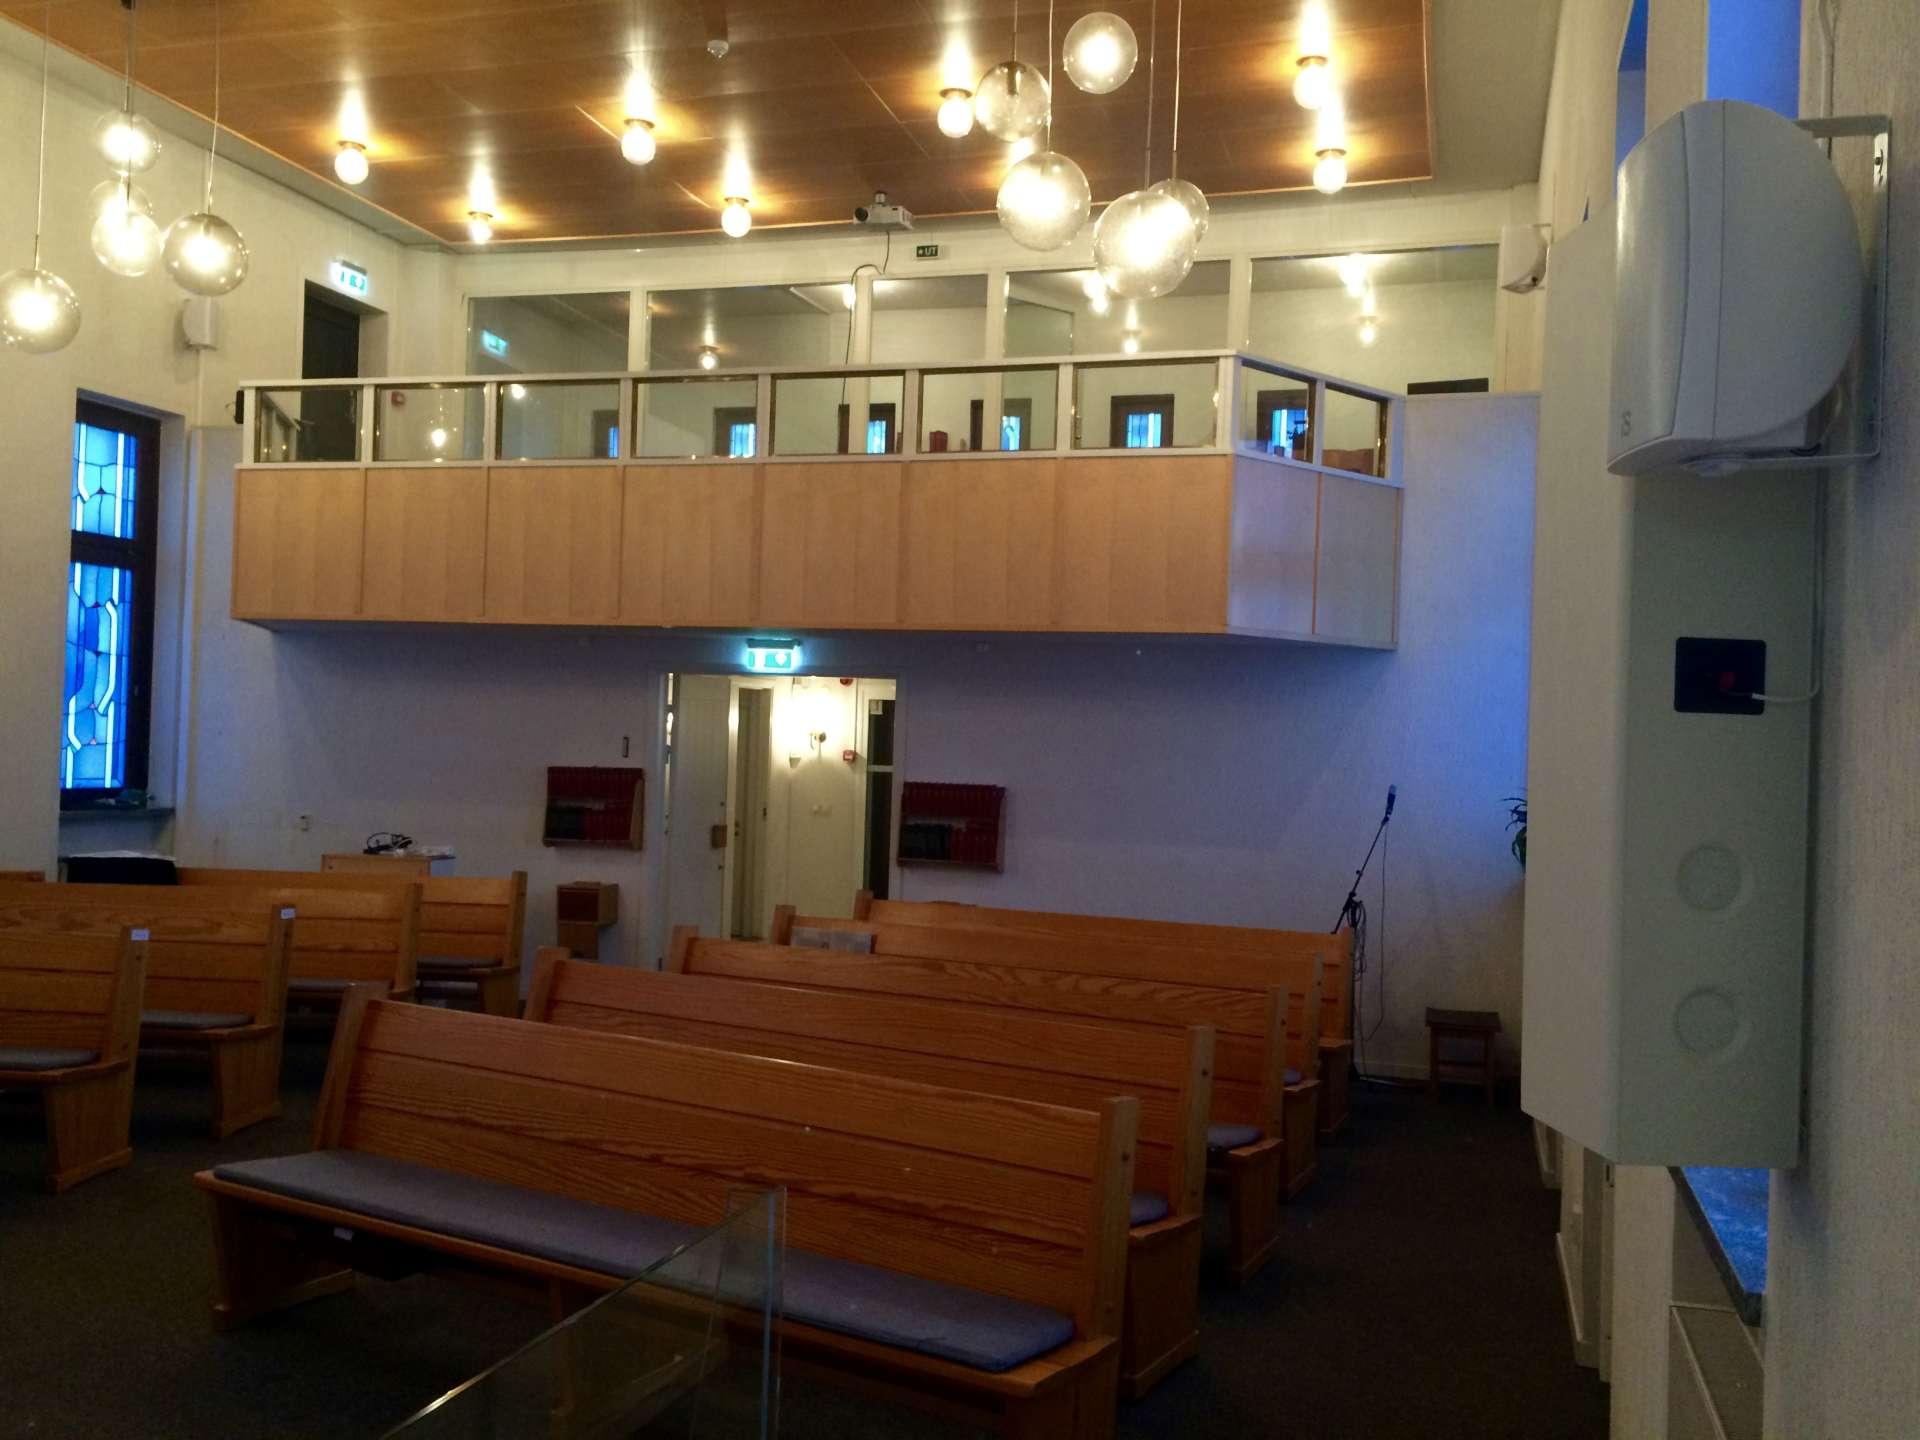 Nyapostoliska kyrkan 12